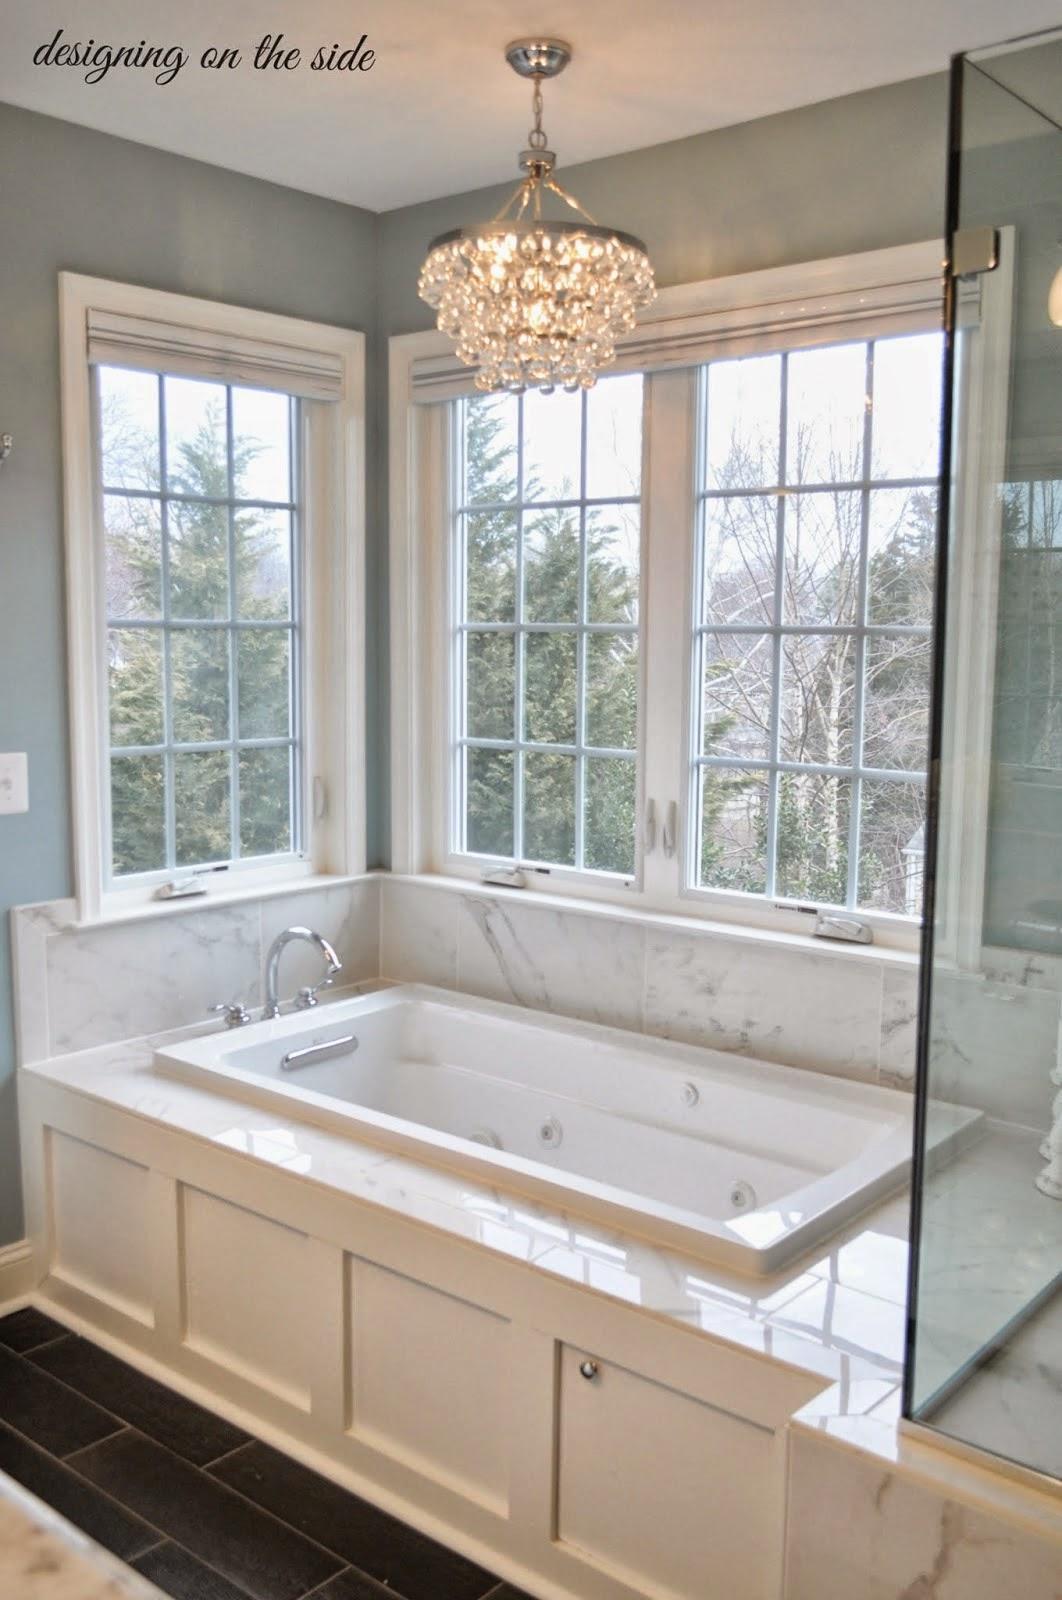 Master Bathroom Ideas ~ Entirely Eventful Day on Master Bathroom Remodel Ideas  id=94181